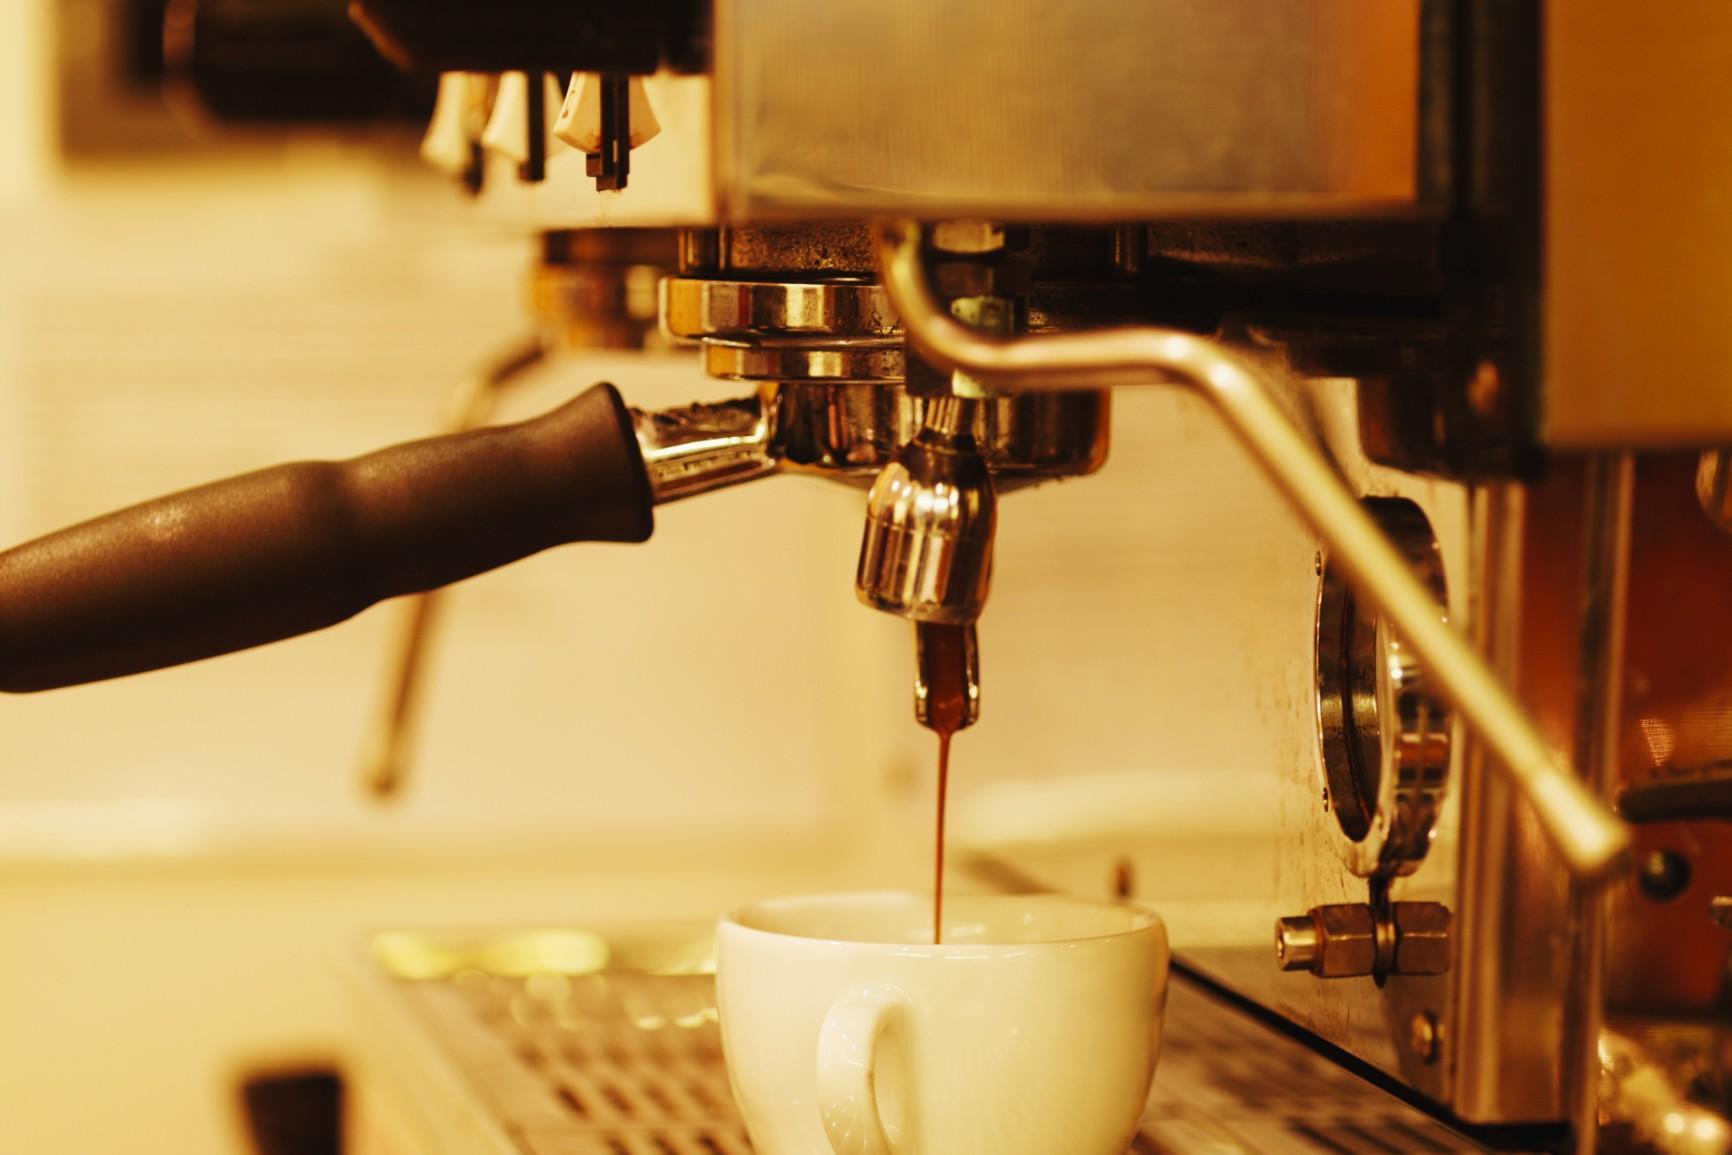 Macchina caff per il bar consigli recensioni opinioni - Macchina del caffe bar ...